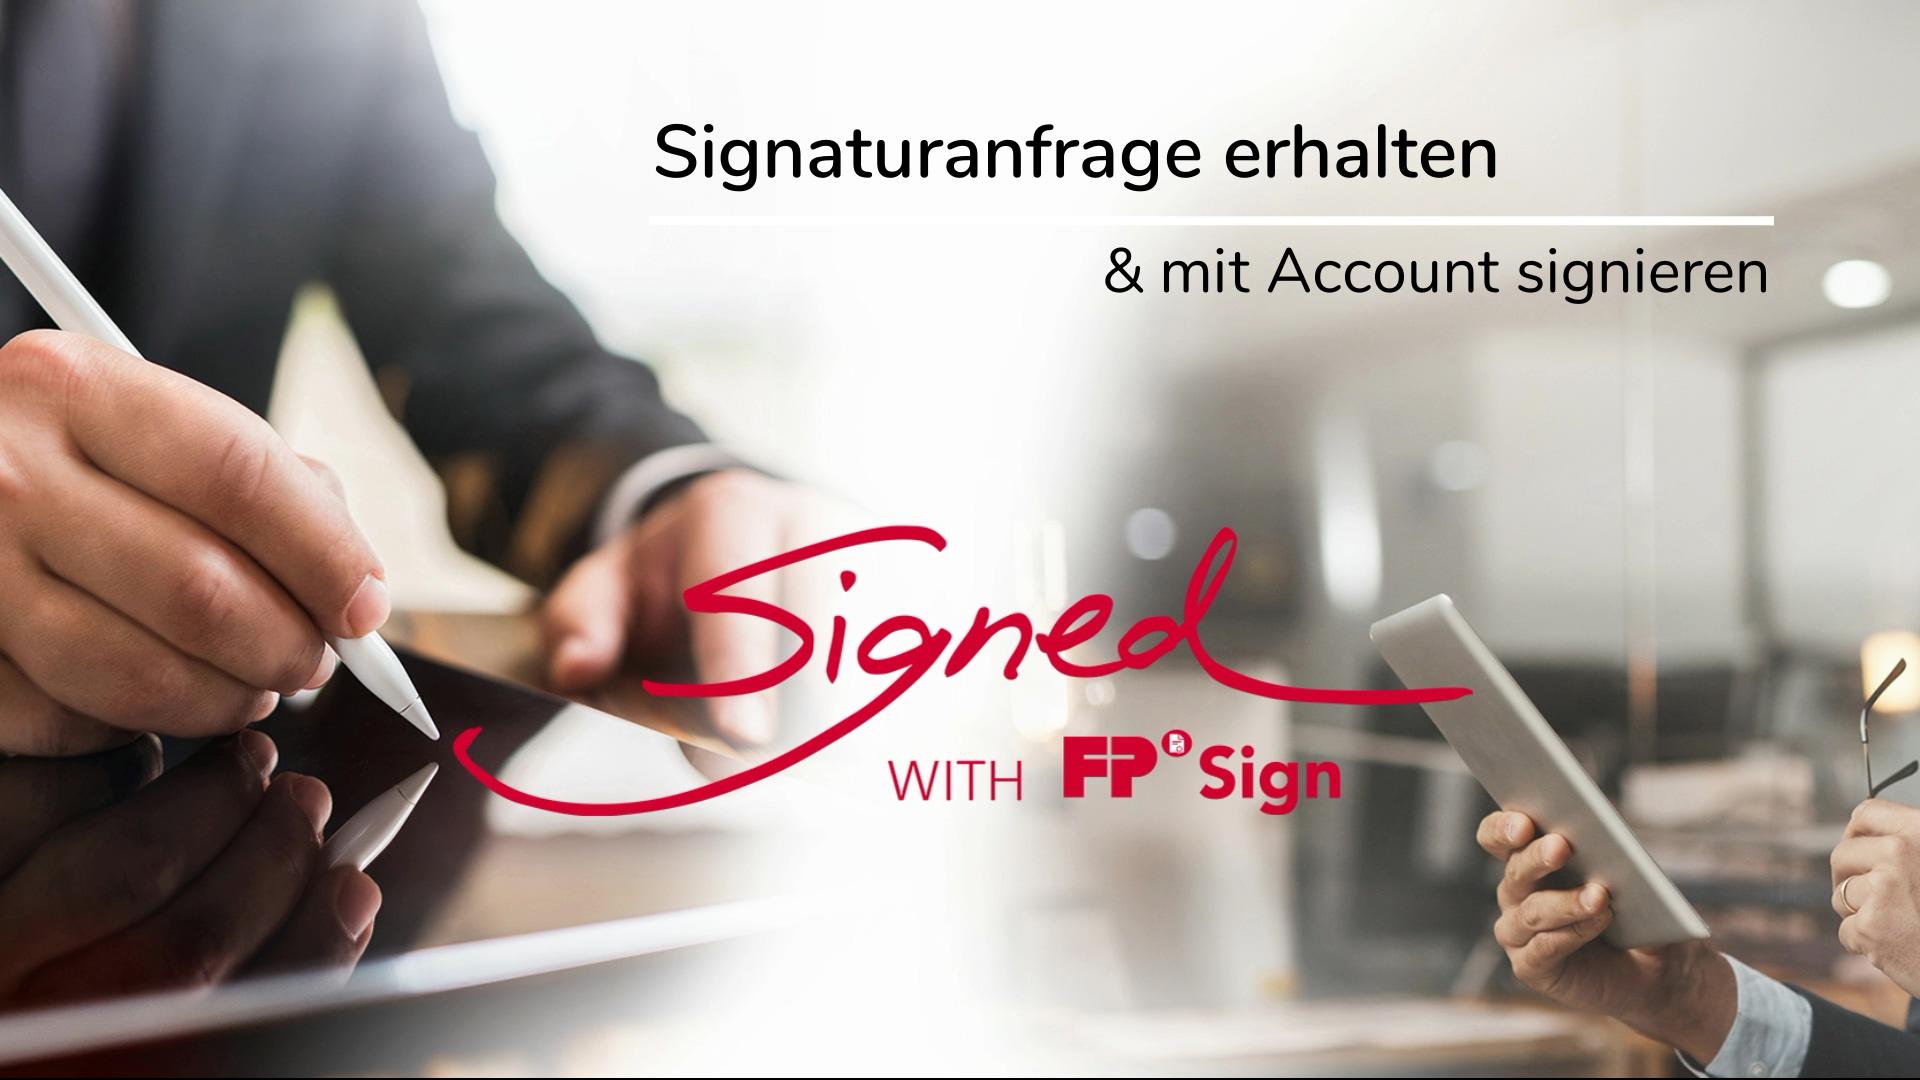 V01.1_Signaturanforderung erhalten_mit Account